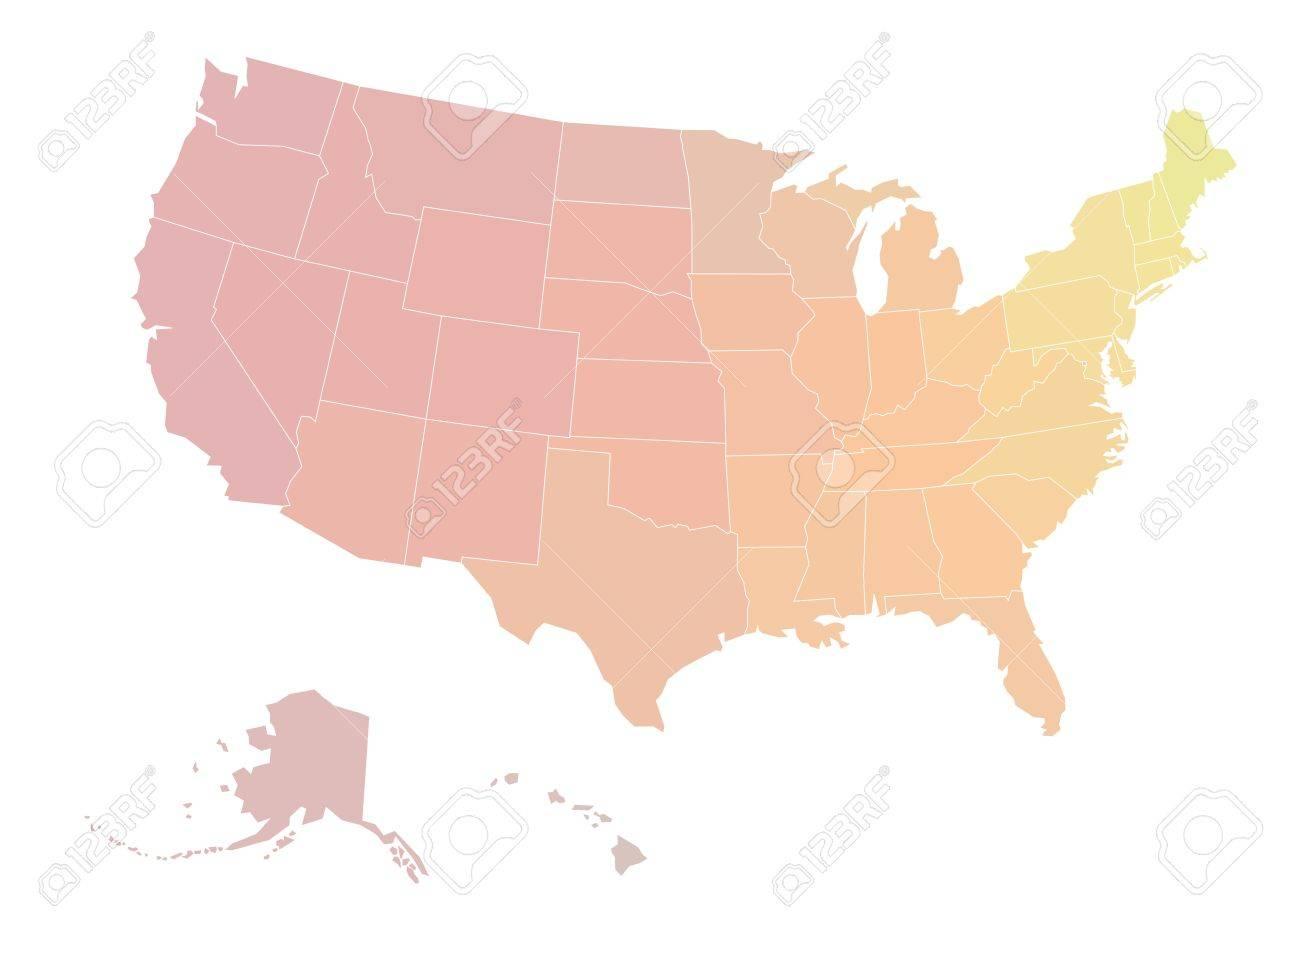 Cartina Muta Delle Americhe.Vettoriale Mappa Muta Degli Stati Uniti D America Illustrazione Vettoriale In Tonalita Di Scala Colore Giallo Rosso Su Sfondo Bianco Image 53888143